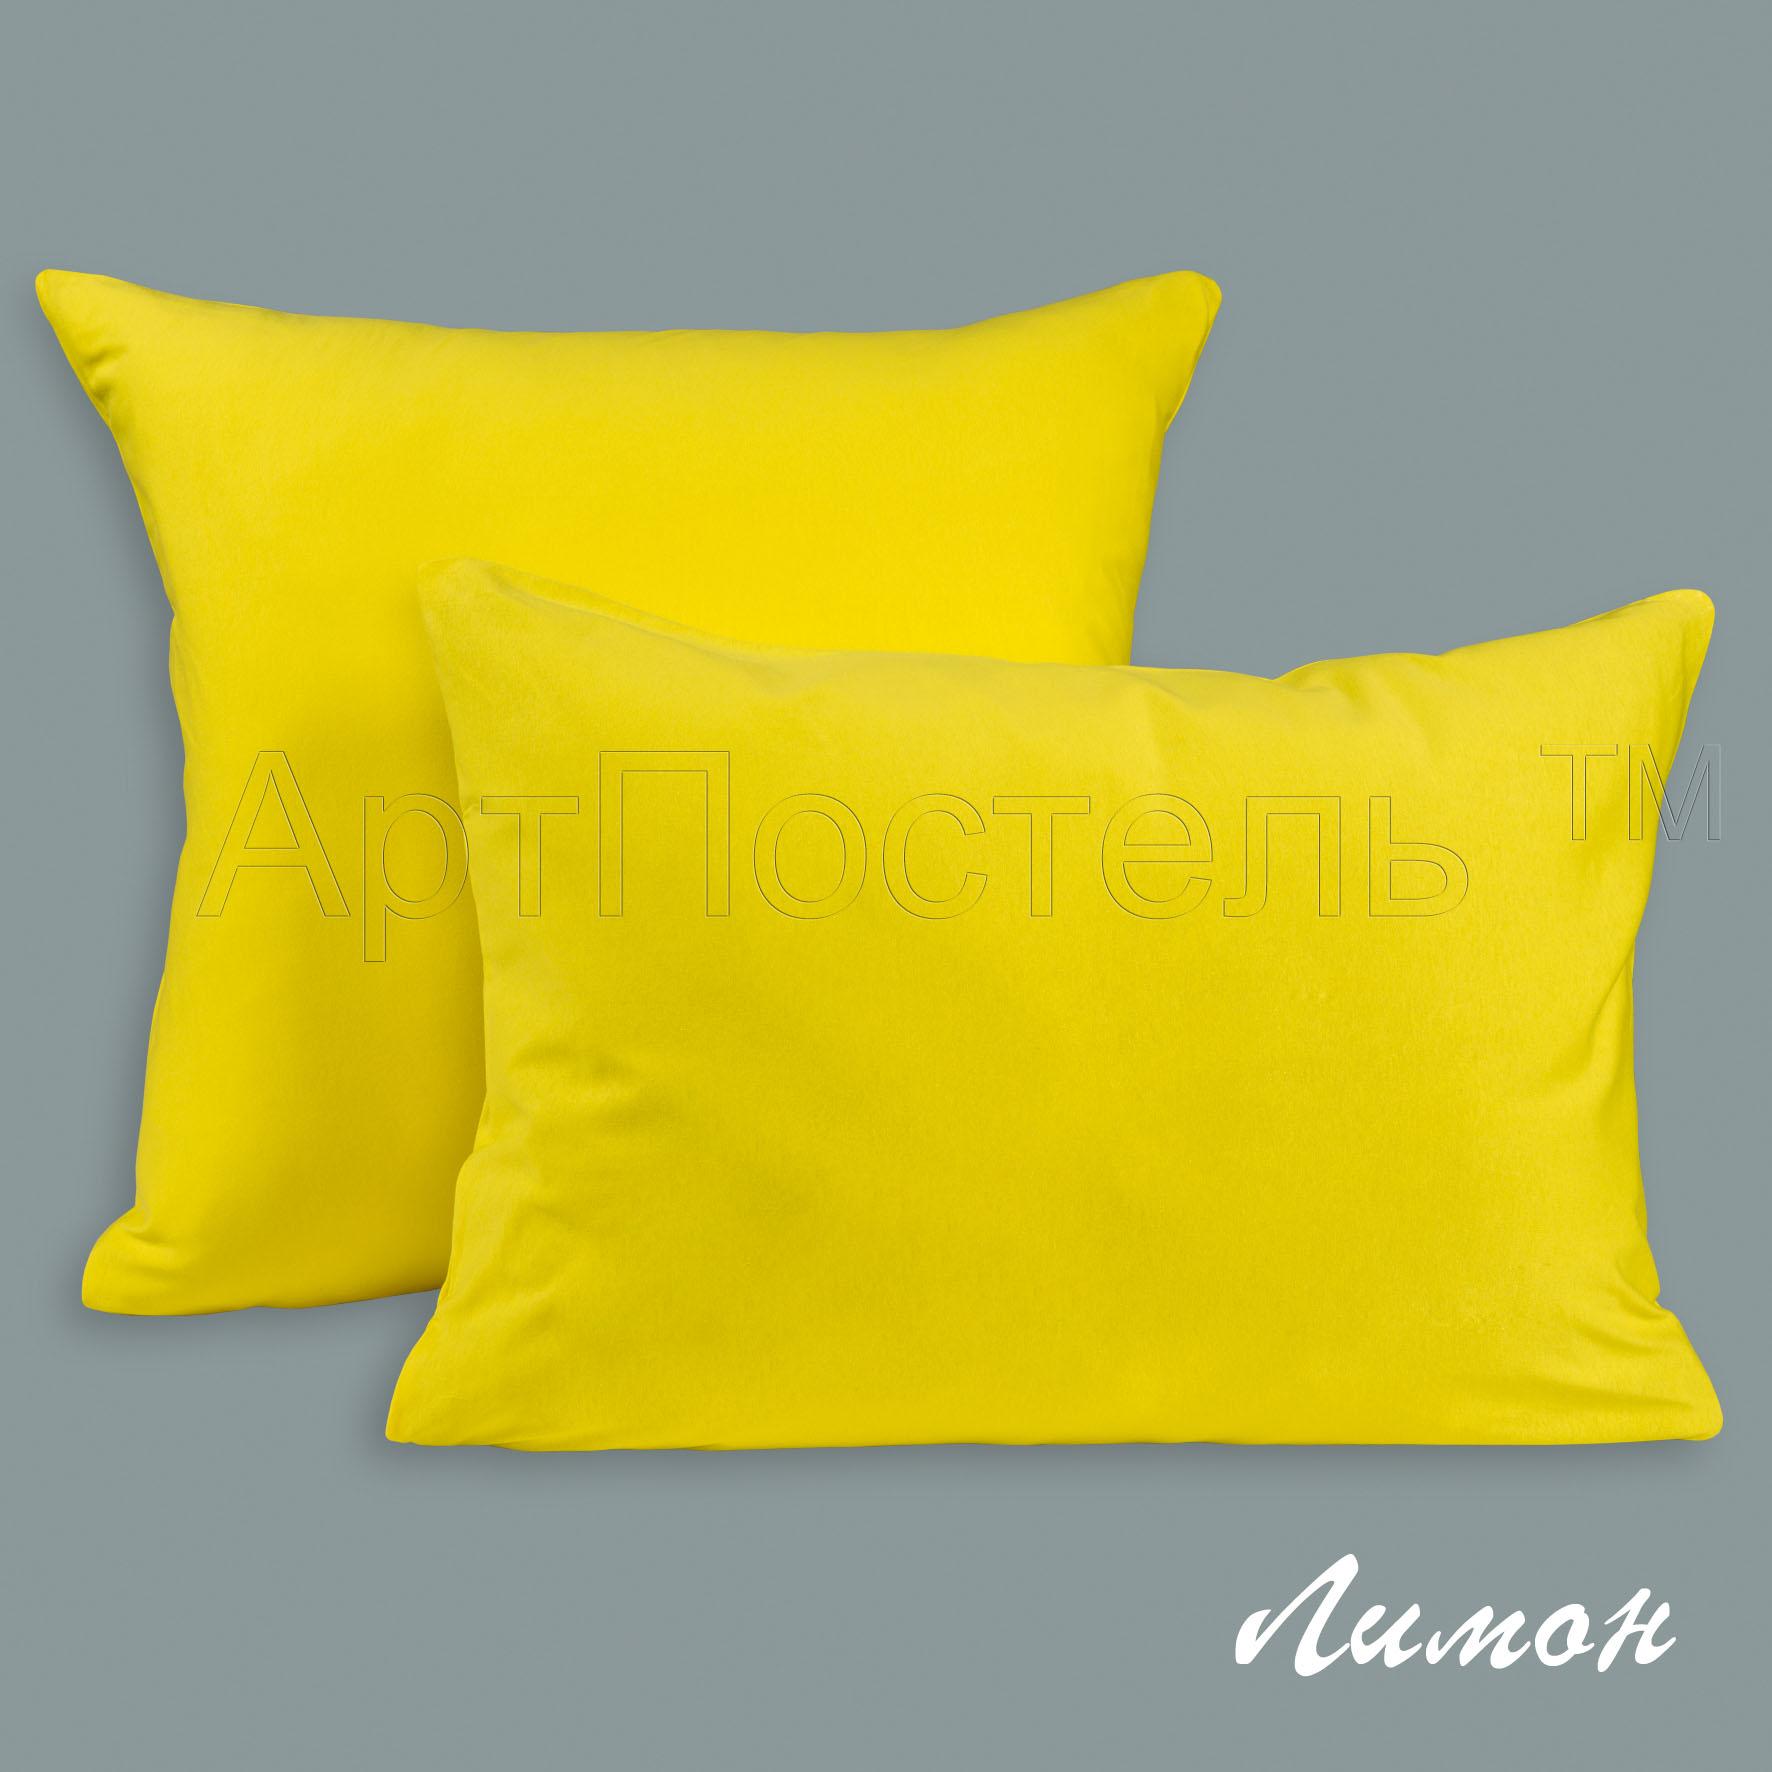 Наволочки Лимон, размер 50х70 смНаволочки<br>Плотность ткани: 140 г/кв. м <br>Количество: 2 шт.<br><br>Тип: Наволочки<br>Размер: 50х70<br>Материал: Кулирка